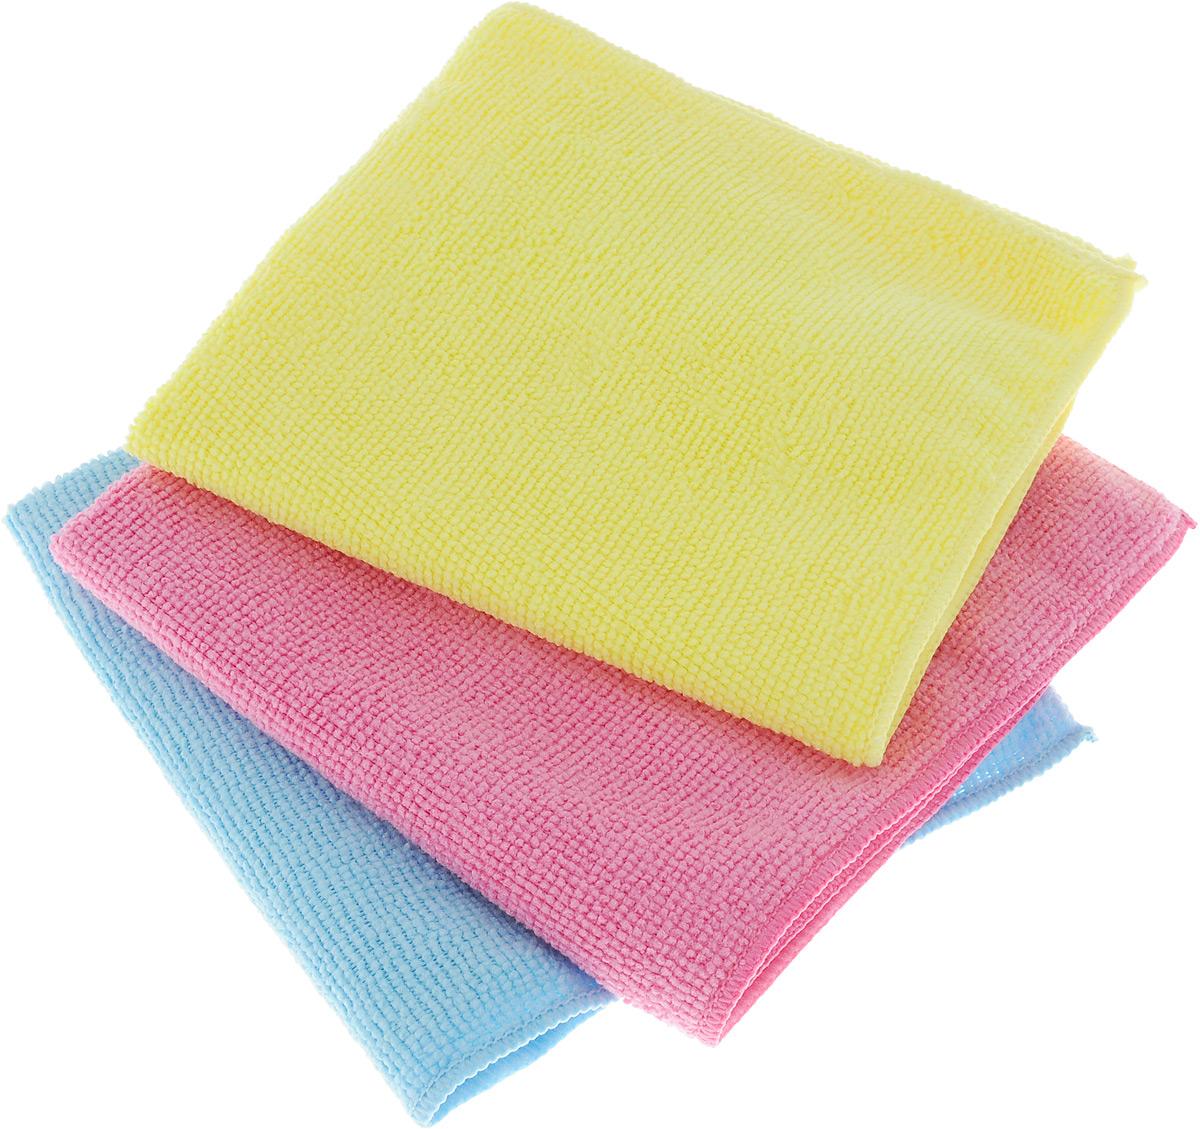 Набор салфеток для уборки Sol, из микрофибры, 30 x 30 см, 3 шт10503Набор салфеток Sol выполнен из микрофибры. Микрофибра - это ткань из тонких микроволокон, которая эффективно очищает поверхности благодаря капиллярному эффектумежду ними. Такая салфетка может использоватьсякак для сухой, так и для влажной уборки. Деликатно очищает любые поверхности, не оставляя следов и разводов. Идеально подходит для протирки полированной мебели. Сохраняетсвои свойства после стирки.Размер салфетки: 30 х 30 см.